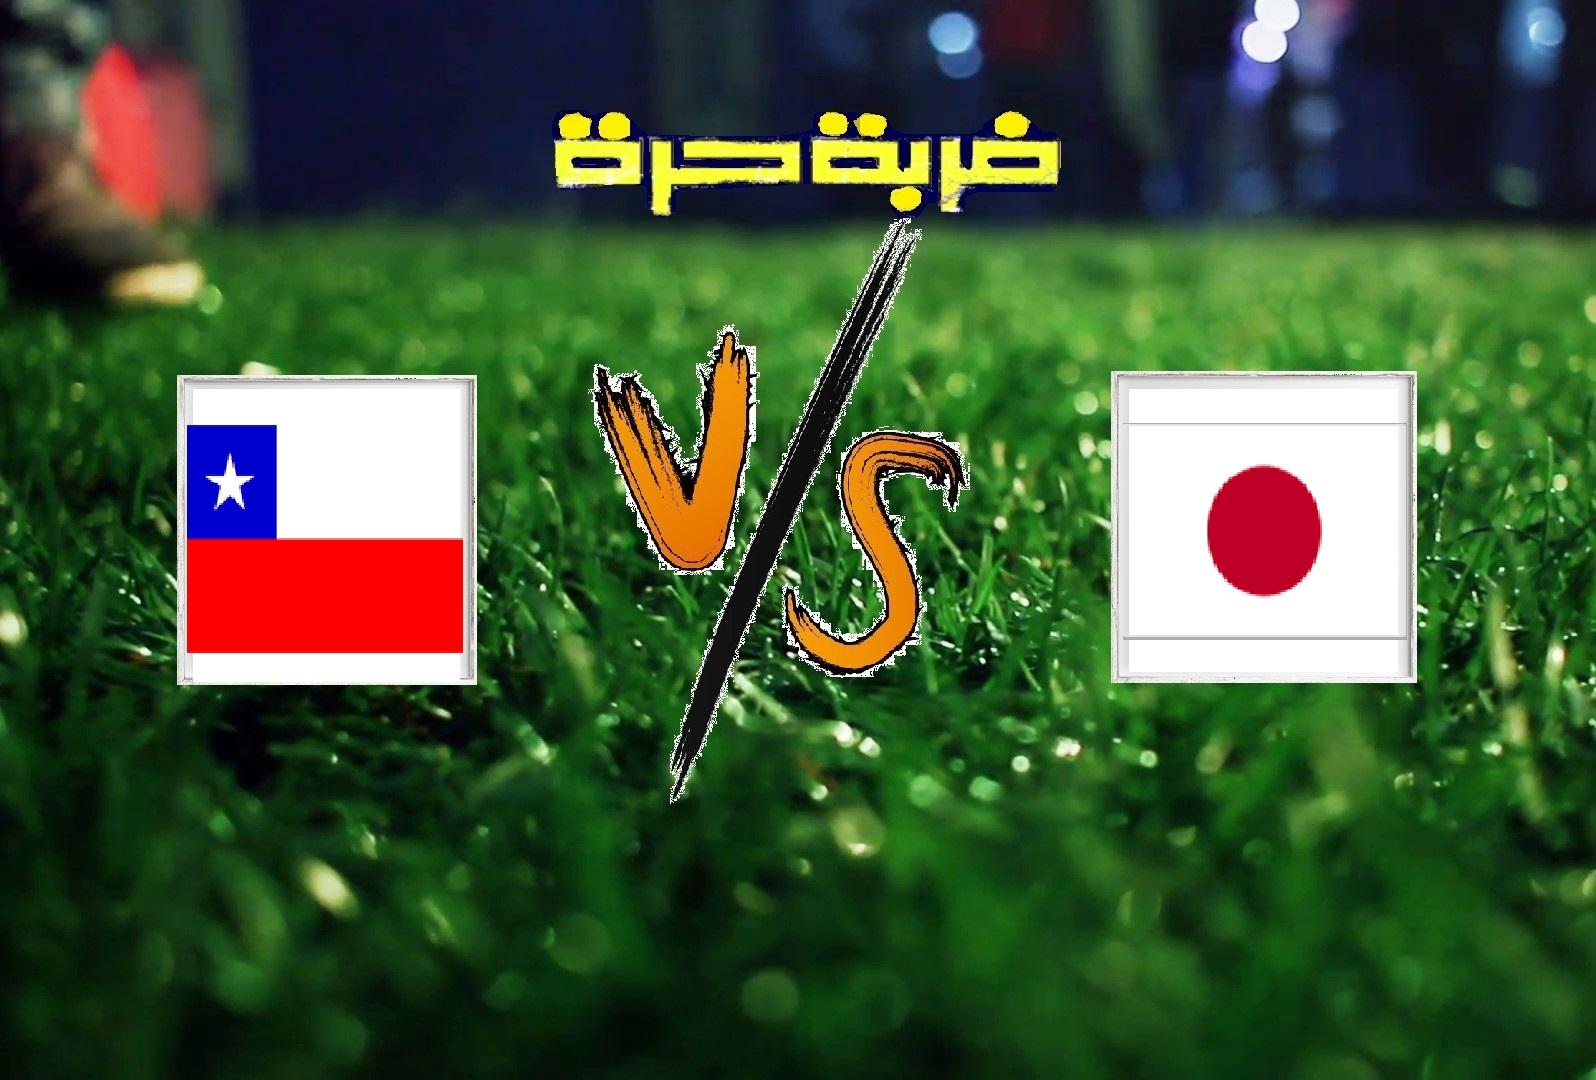 نتيجة مباراة اليابان وتشيلي اليوم الثلاثاء بتاريخ 18-06-2019 كوبا أمريكا 2019